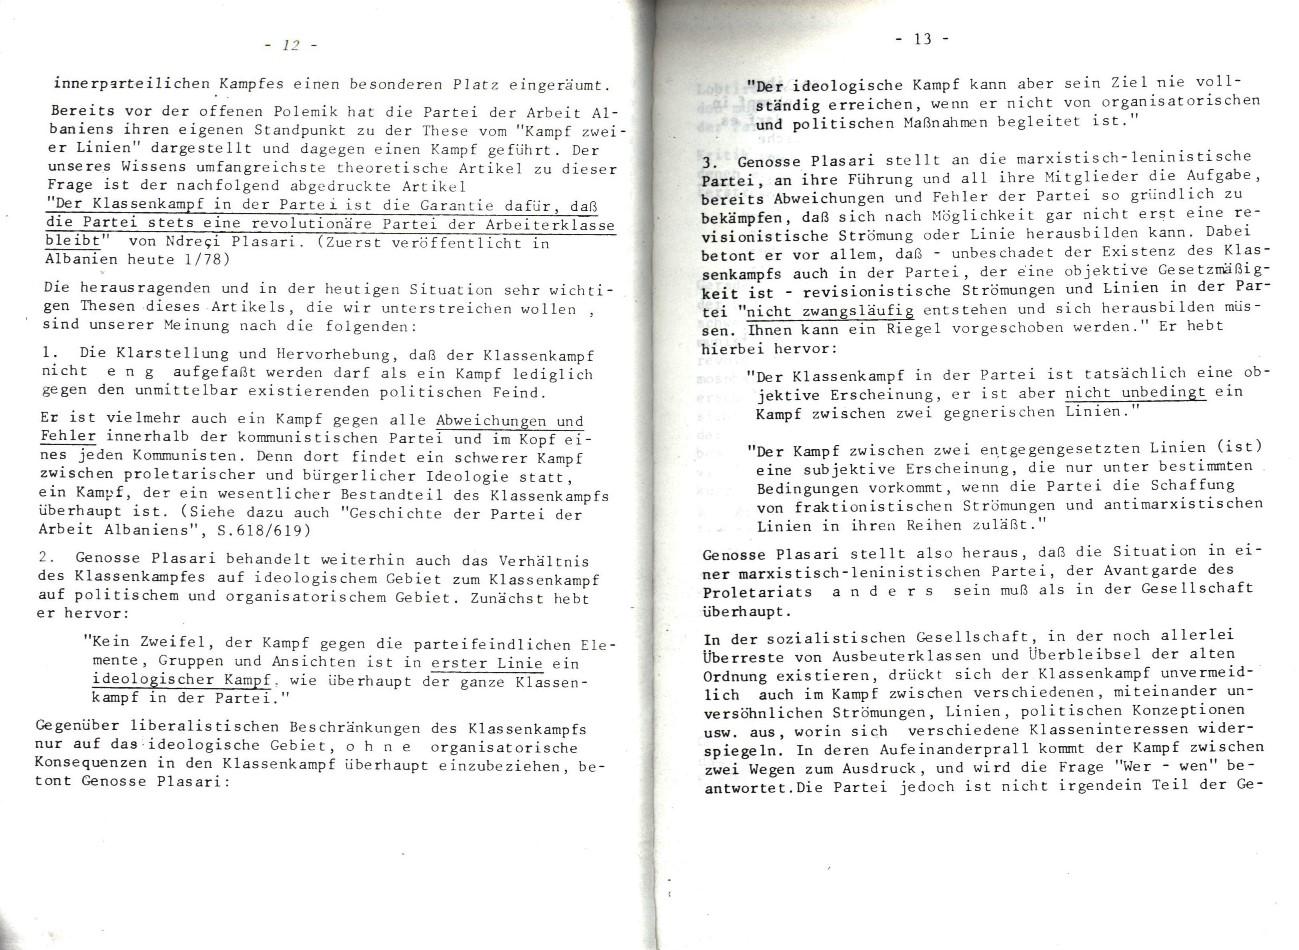 MLSK_Theorie_und_Praxis_des_ML_1979_25_07